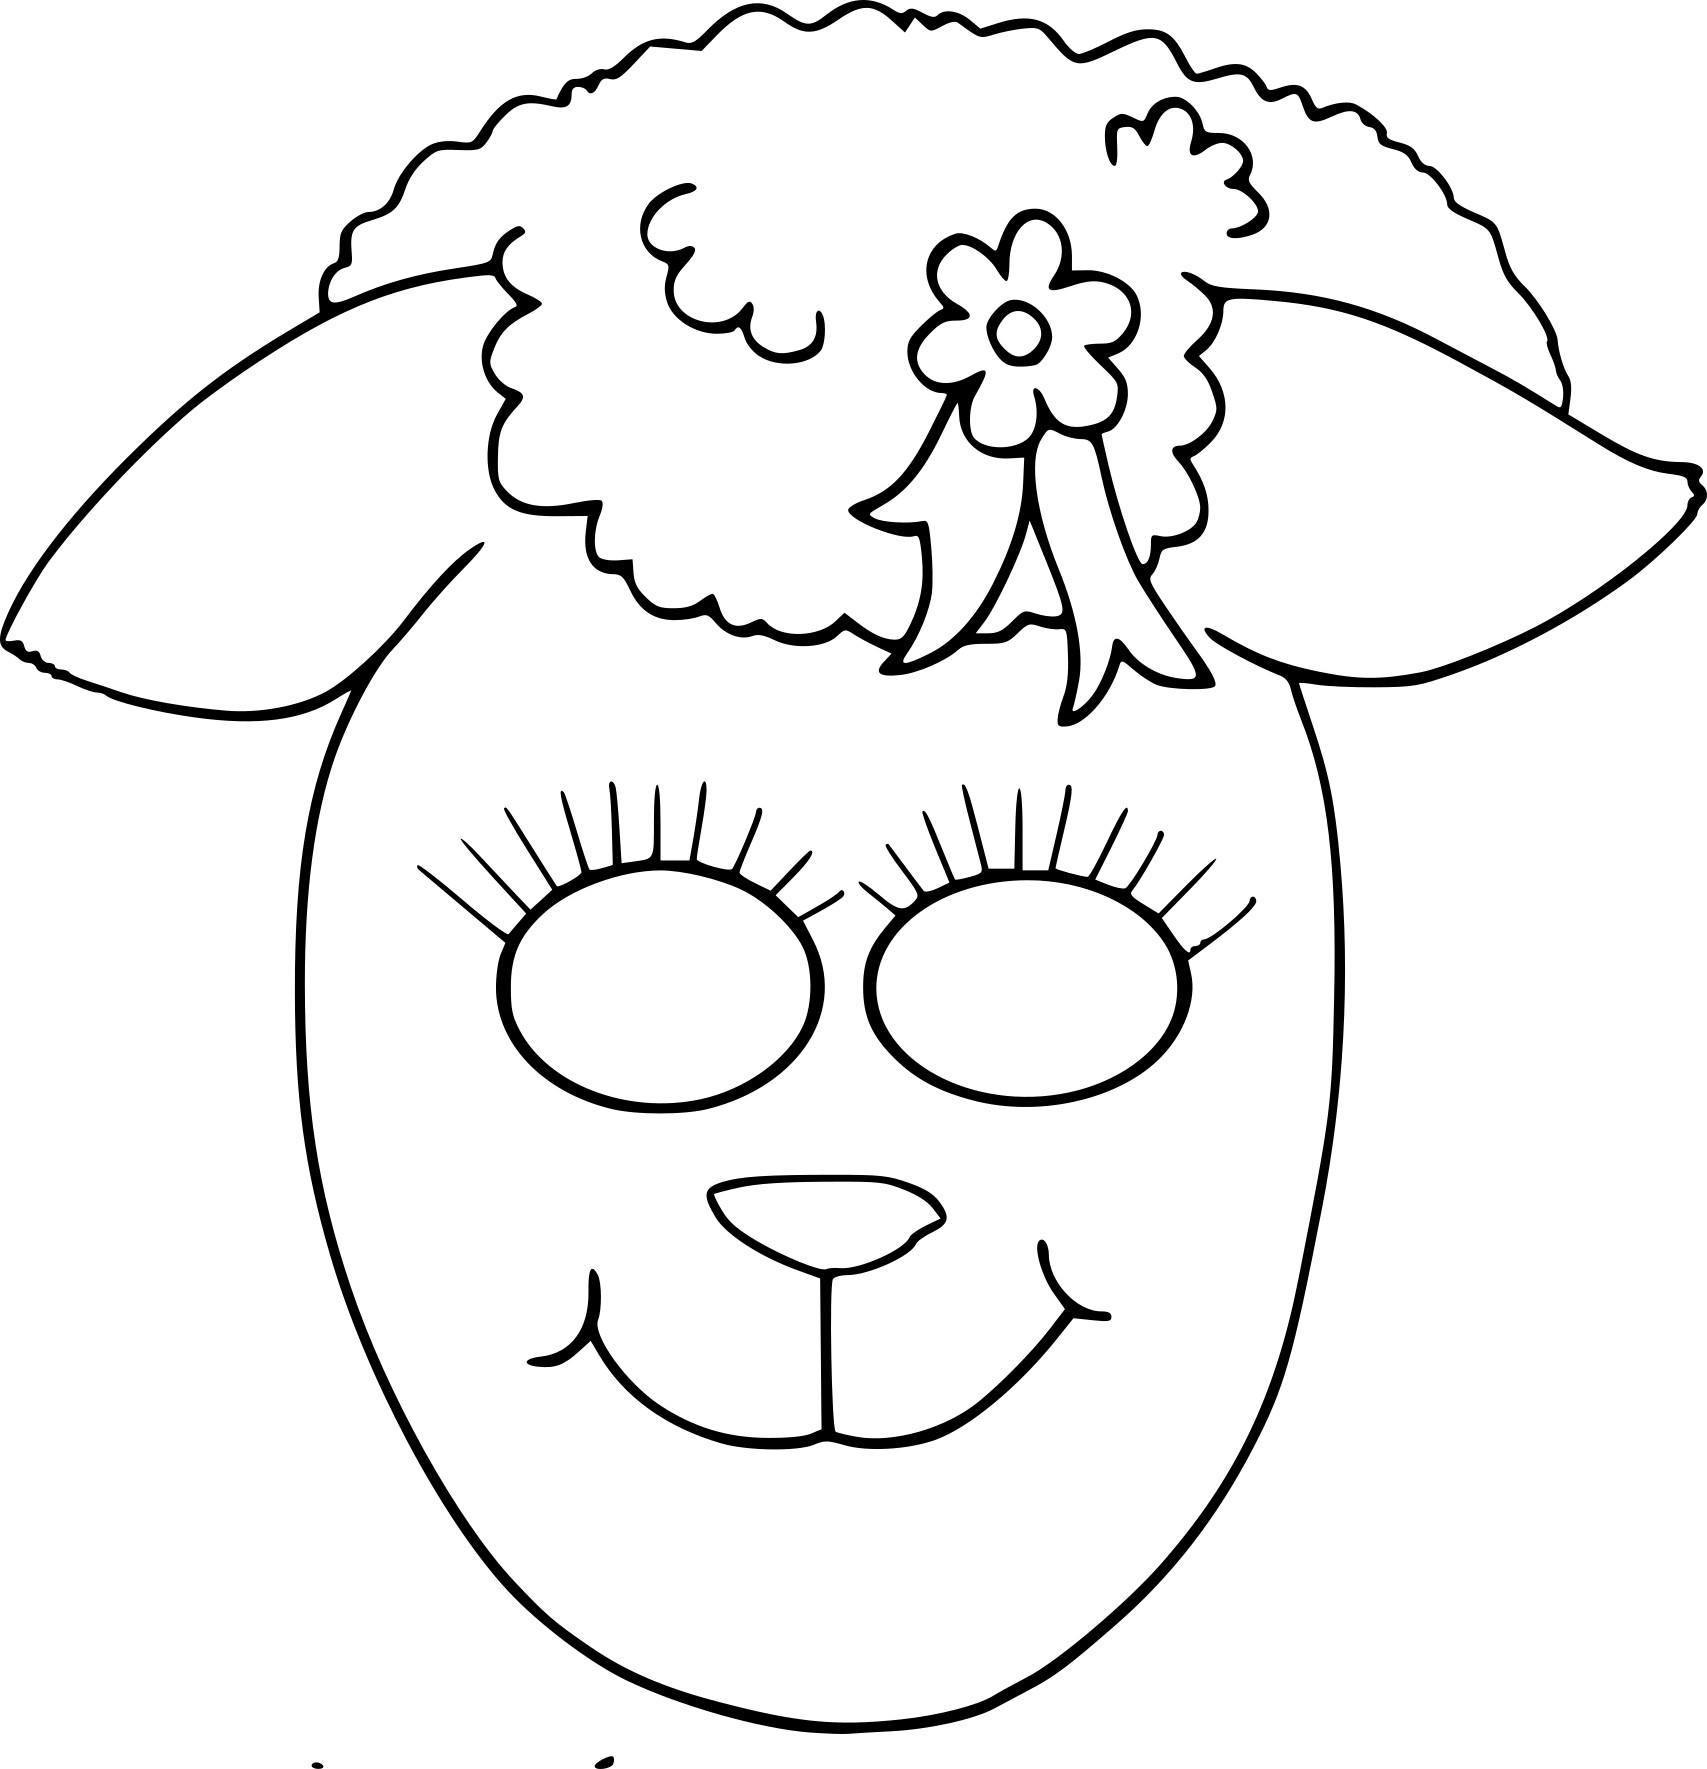 Coloriage Masque Brebis À Imprimer Sur Coloriages destiné Dessin De Brebis